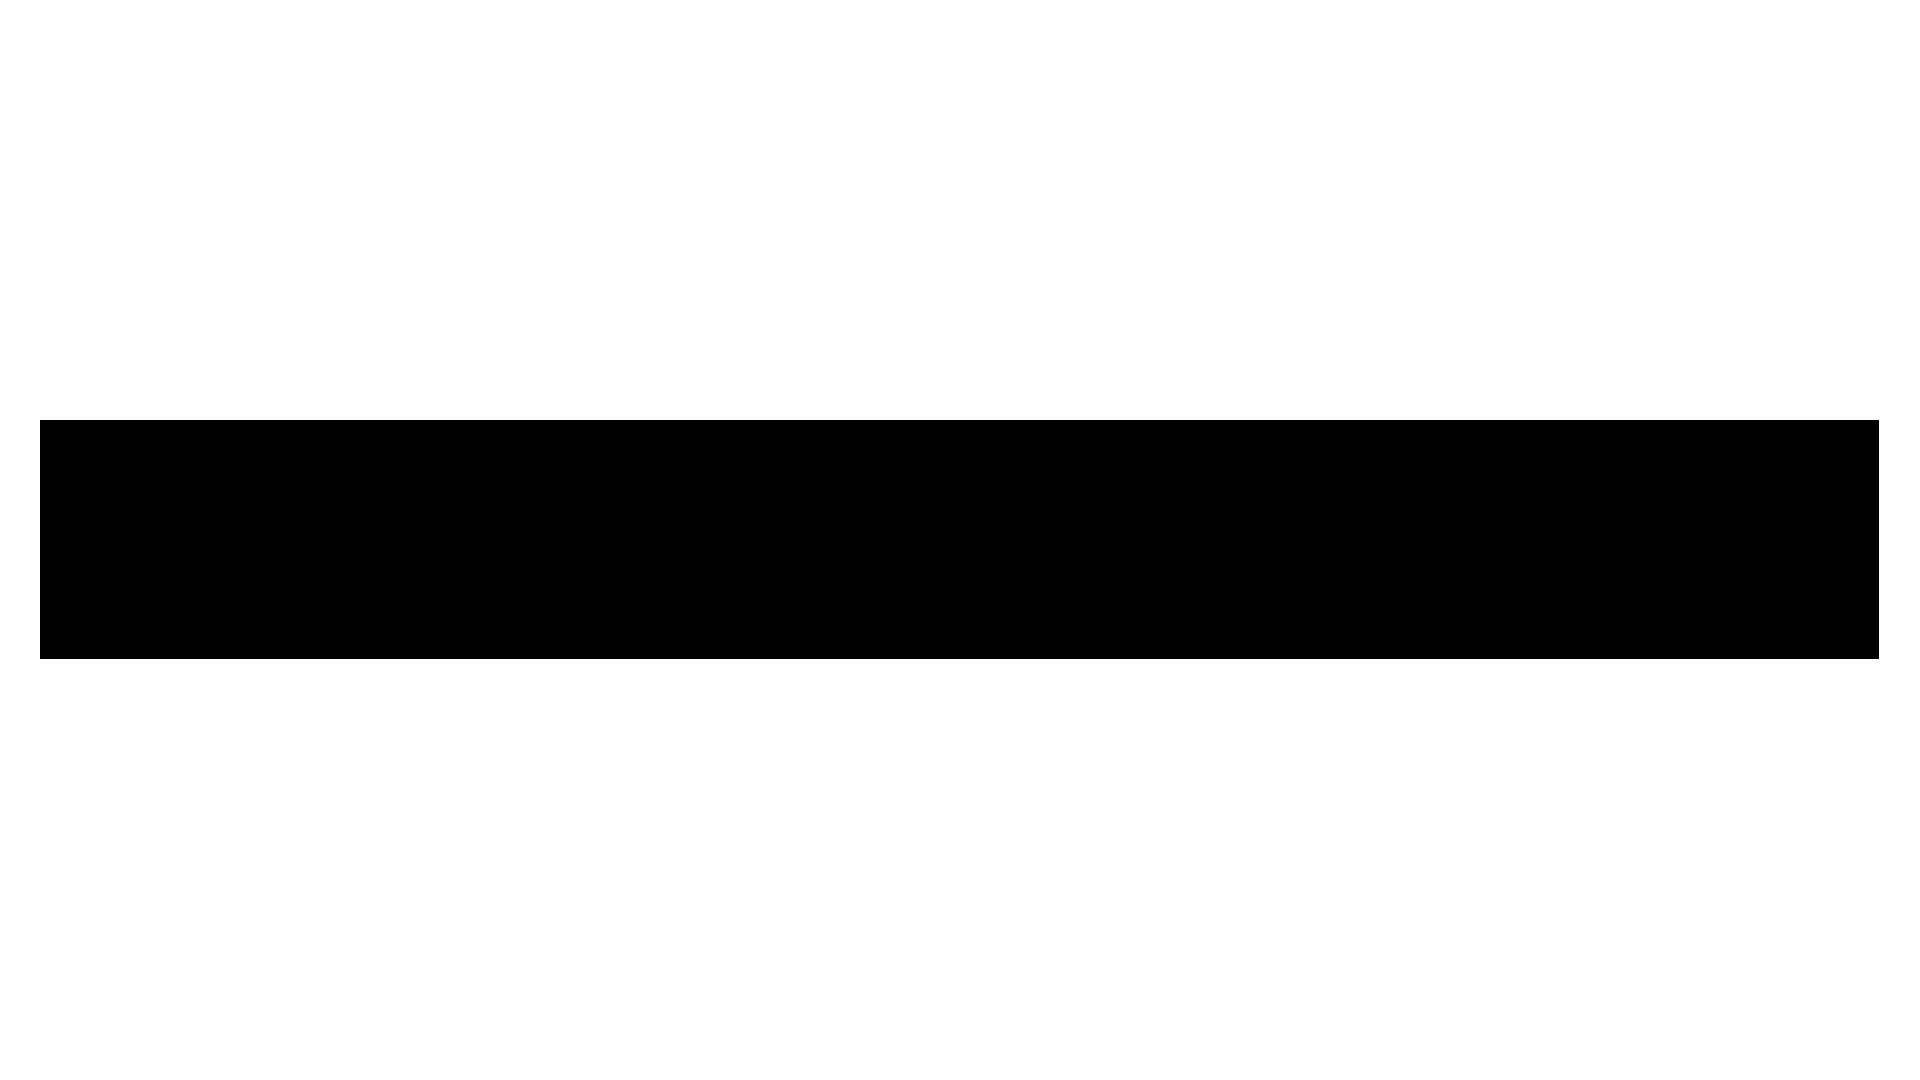 RambaZamba_AT hochqualifizierter Gamer braucht ein Logo